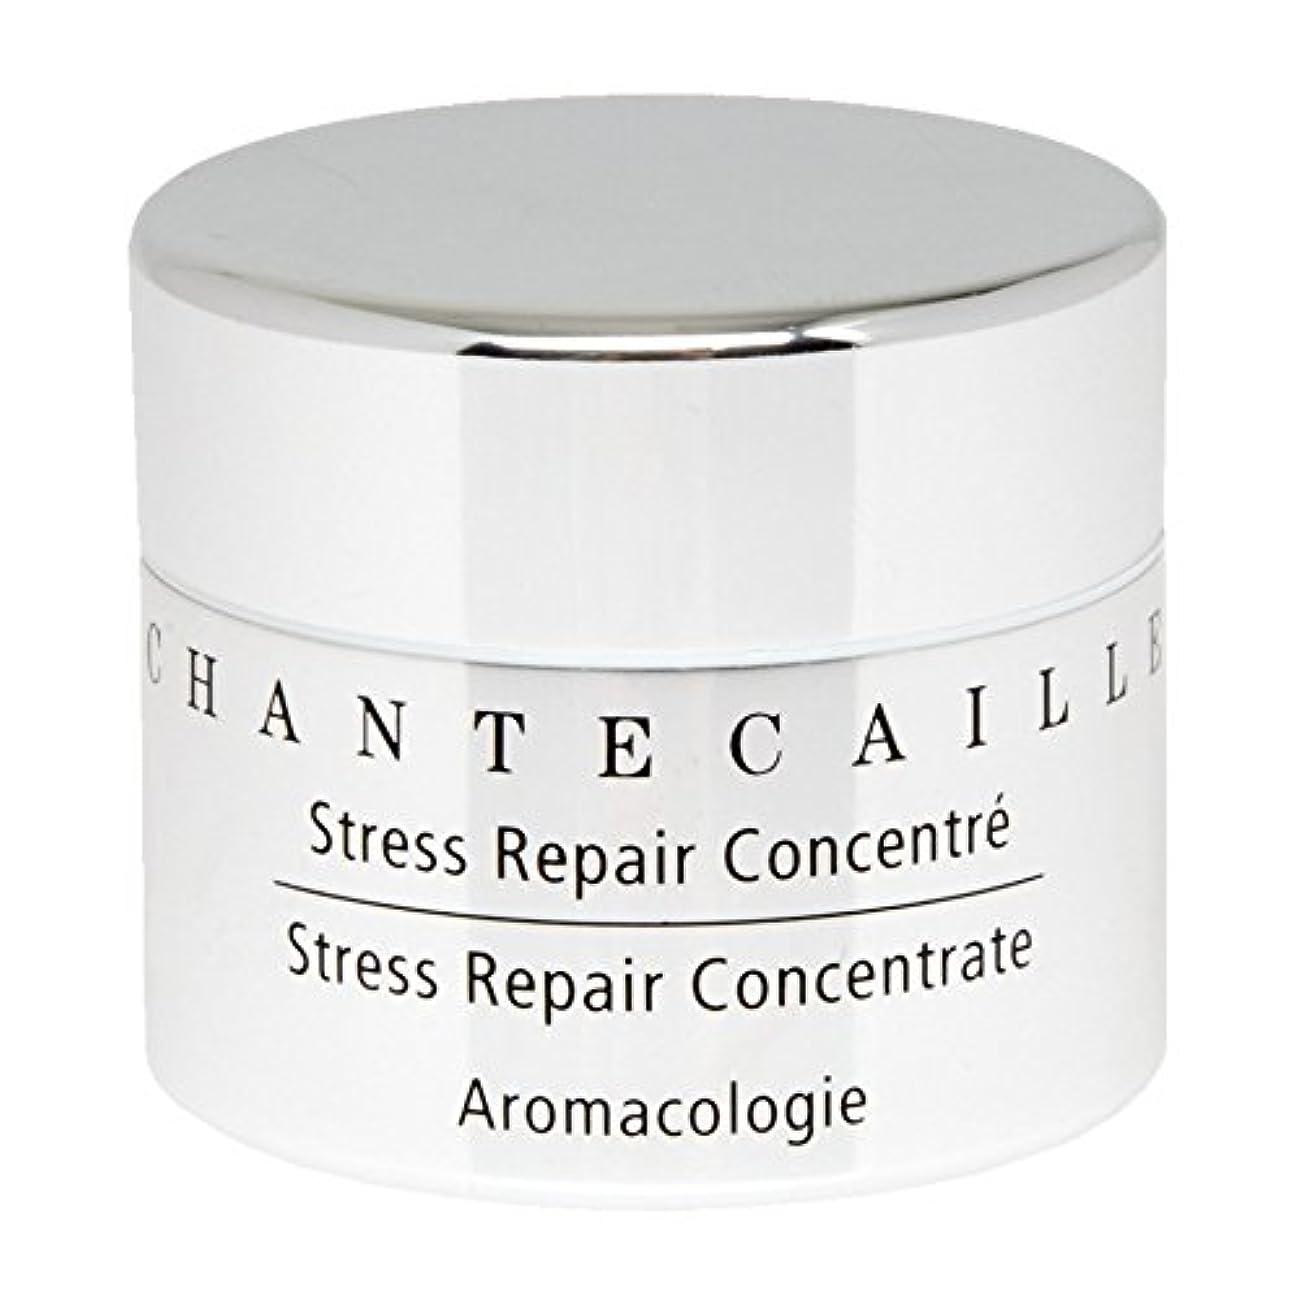 分割ベックスハンディキャップシャンテカイユストレス修復濃縮15ミリリットル x4 - Chantecaille Stress Repair Concentrate 15ml (Pack of 4) [並行輸入品]